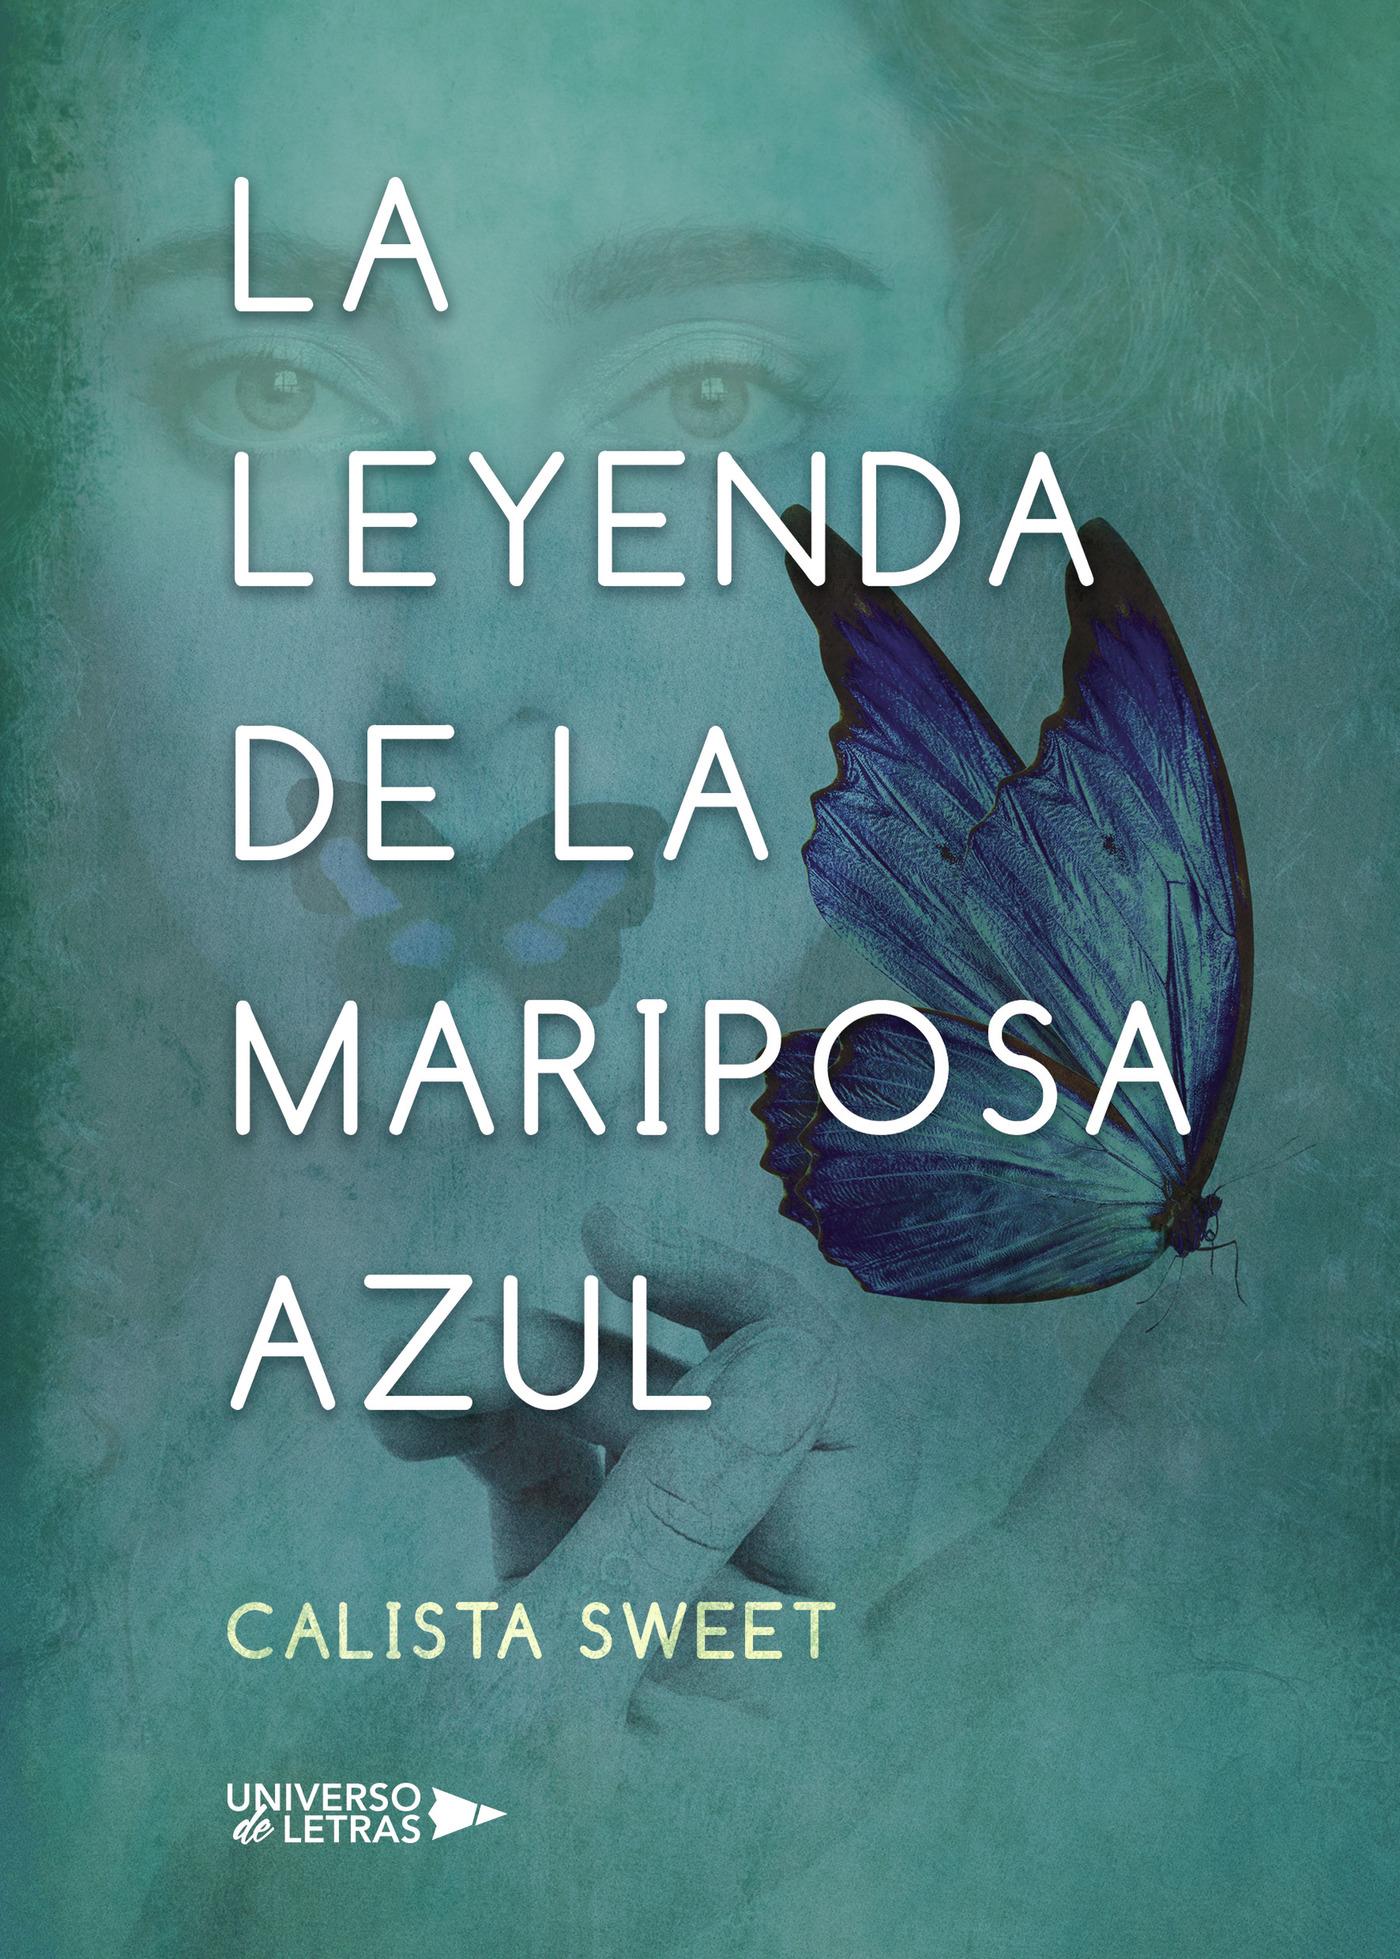 La-leyenda-de-la-mariposa-azulcubiertav11.pdf_1400